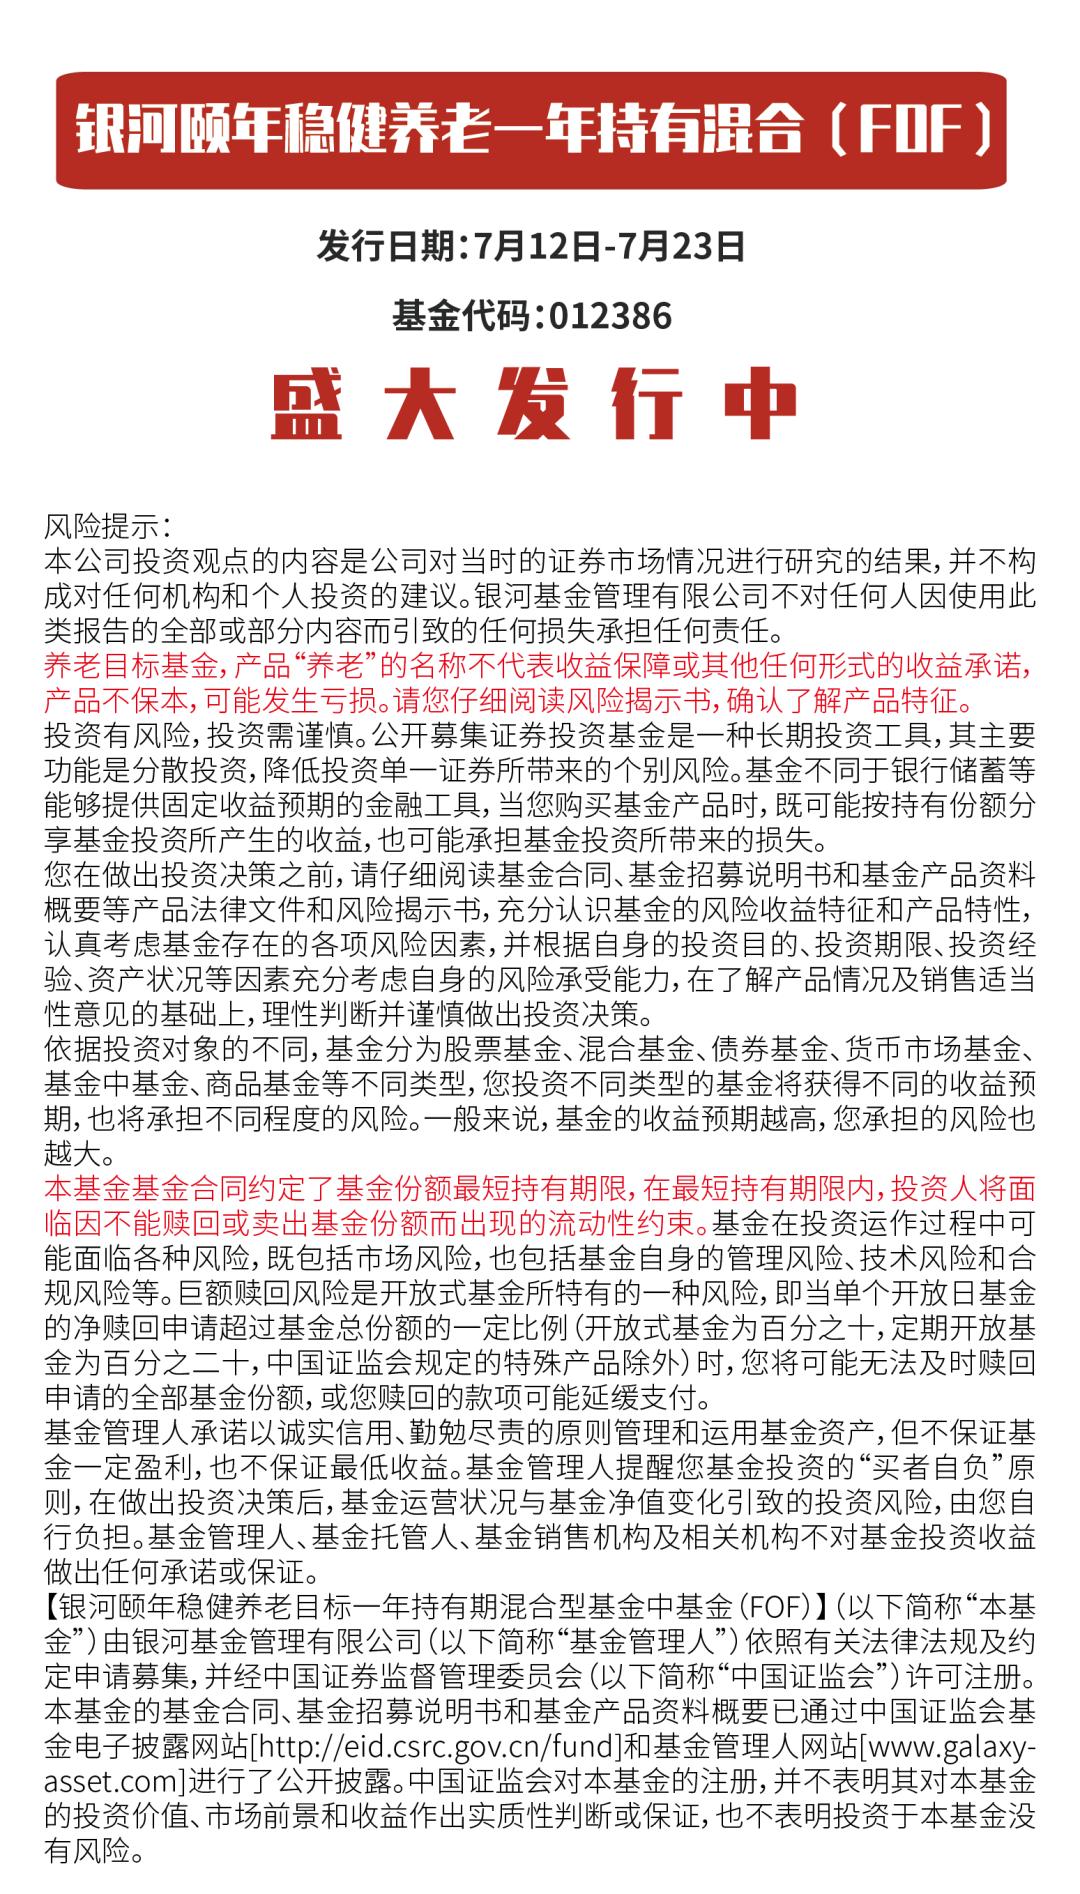 理财周报⑥   蒋敏 :情绪面影响减弱,中报季再次聚焦业绩